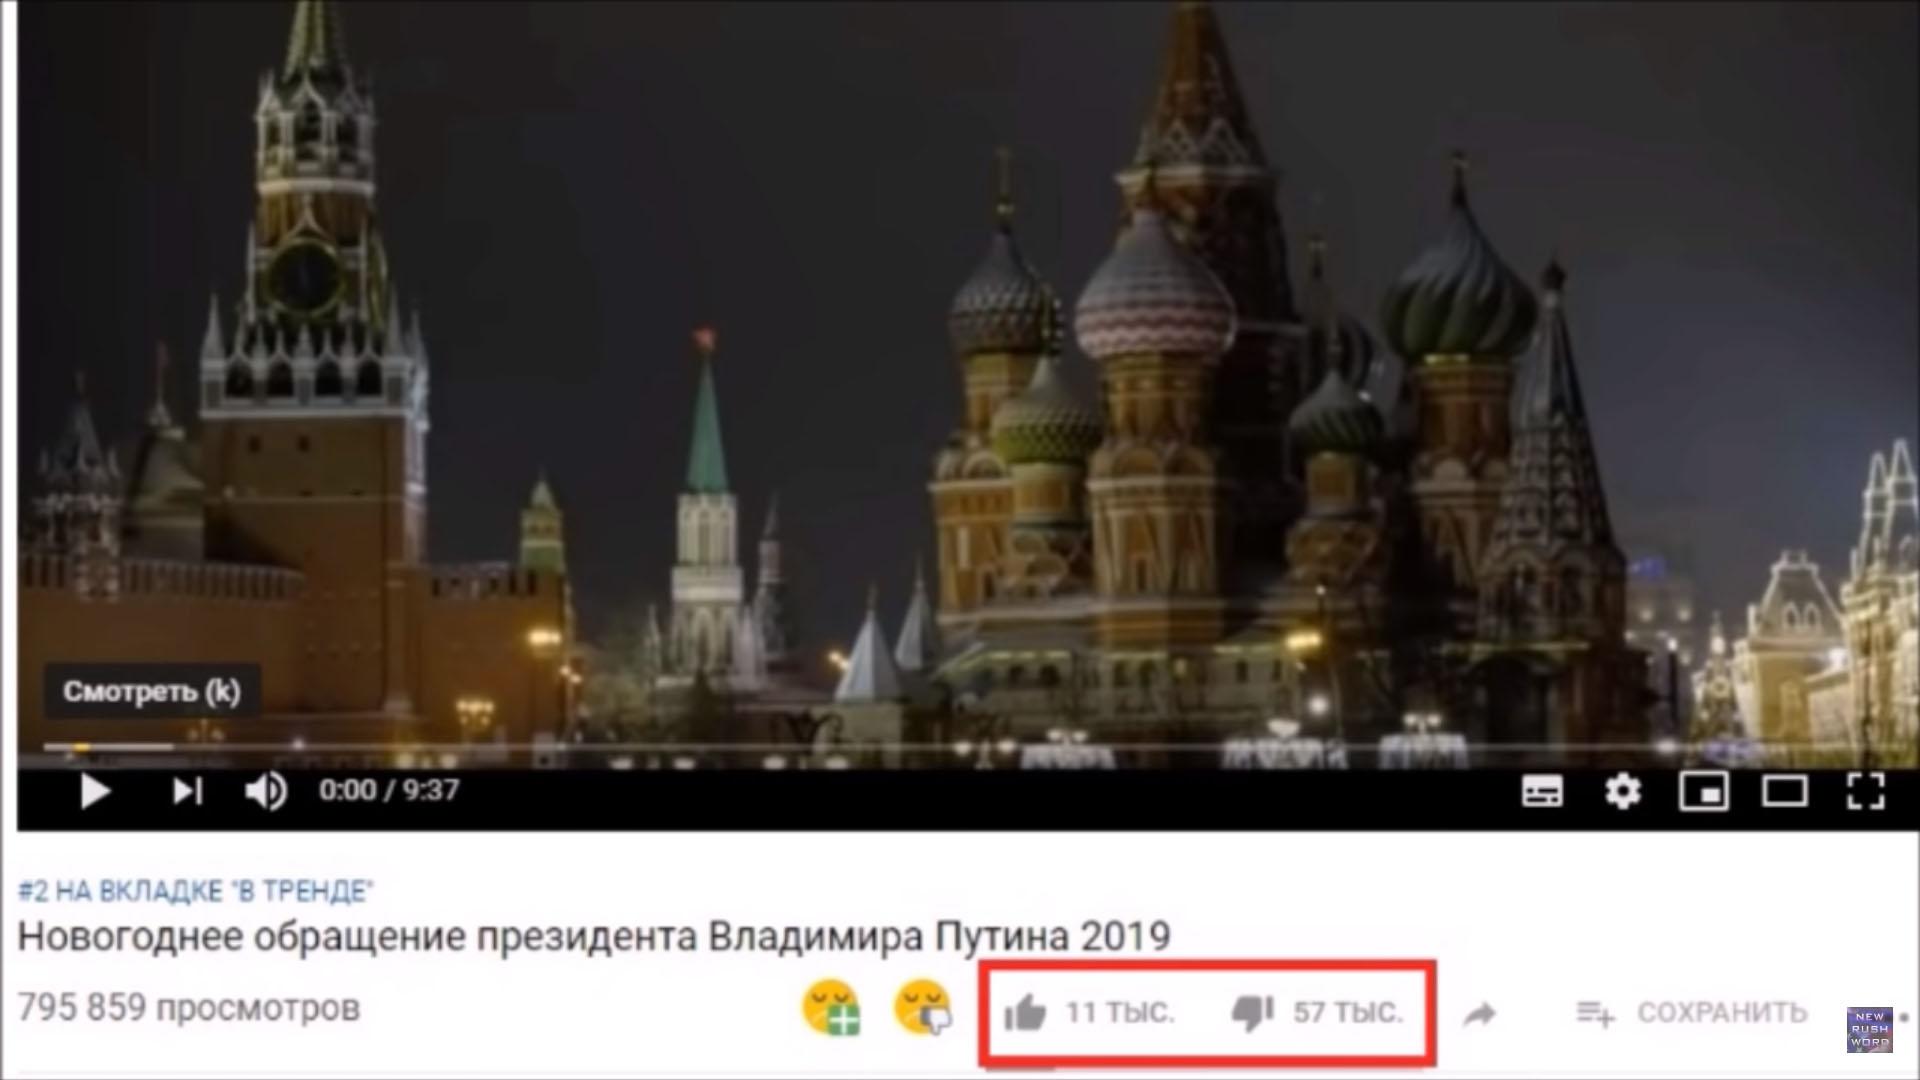 Новогоднее обращение Путина — 75 тыс. дизлайков